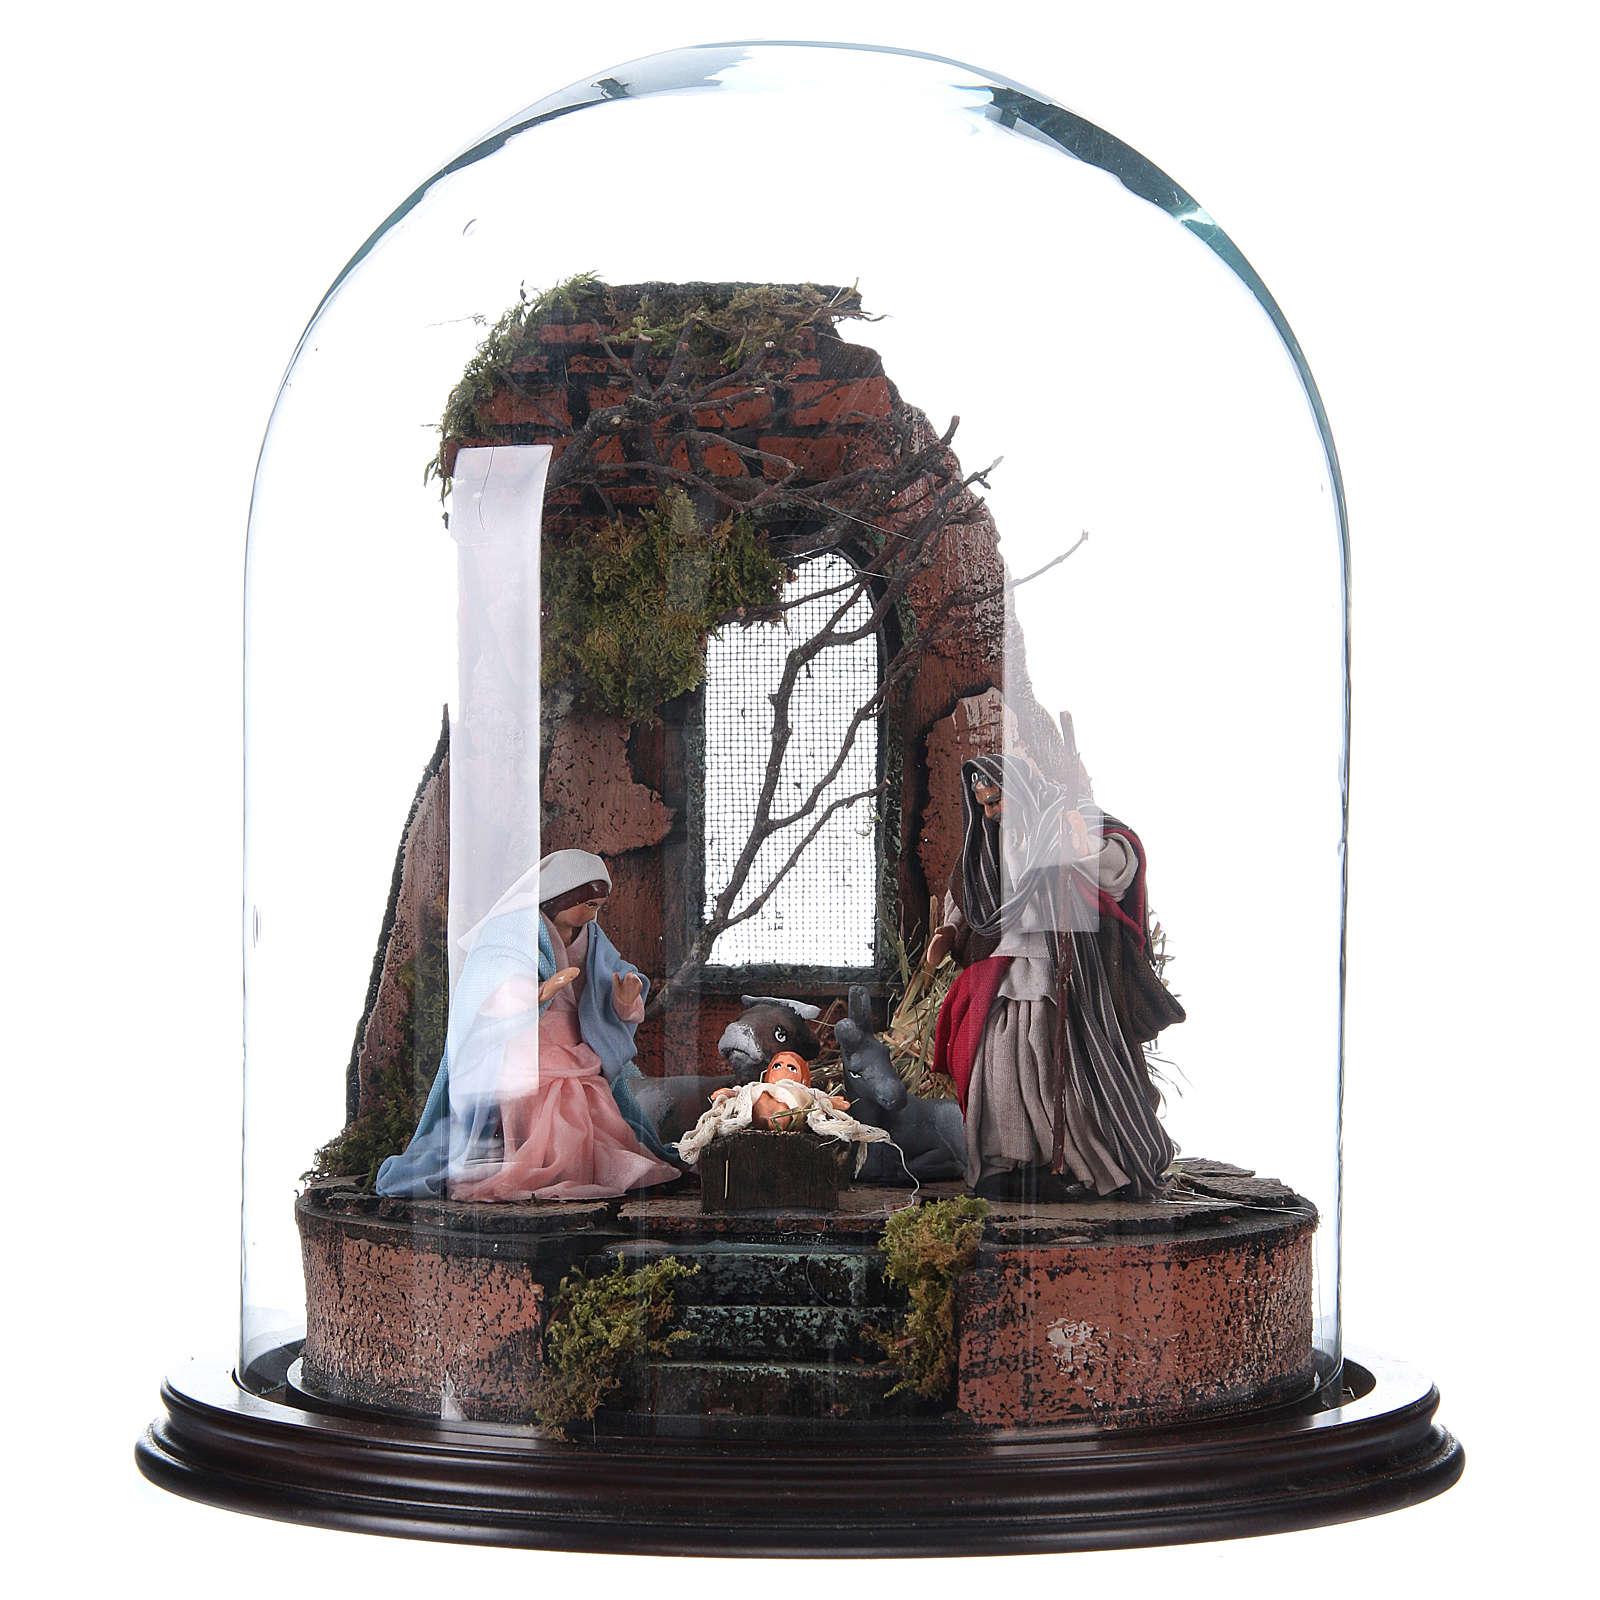 Trio natività presepe napoletano con cupola di vetro 30x30 cm stile arabo 4